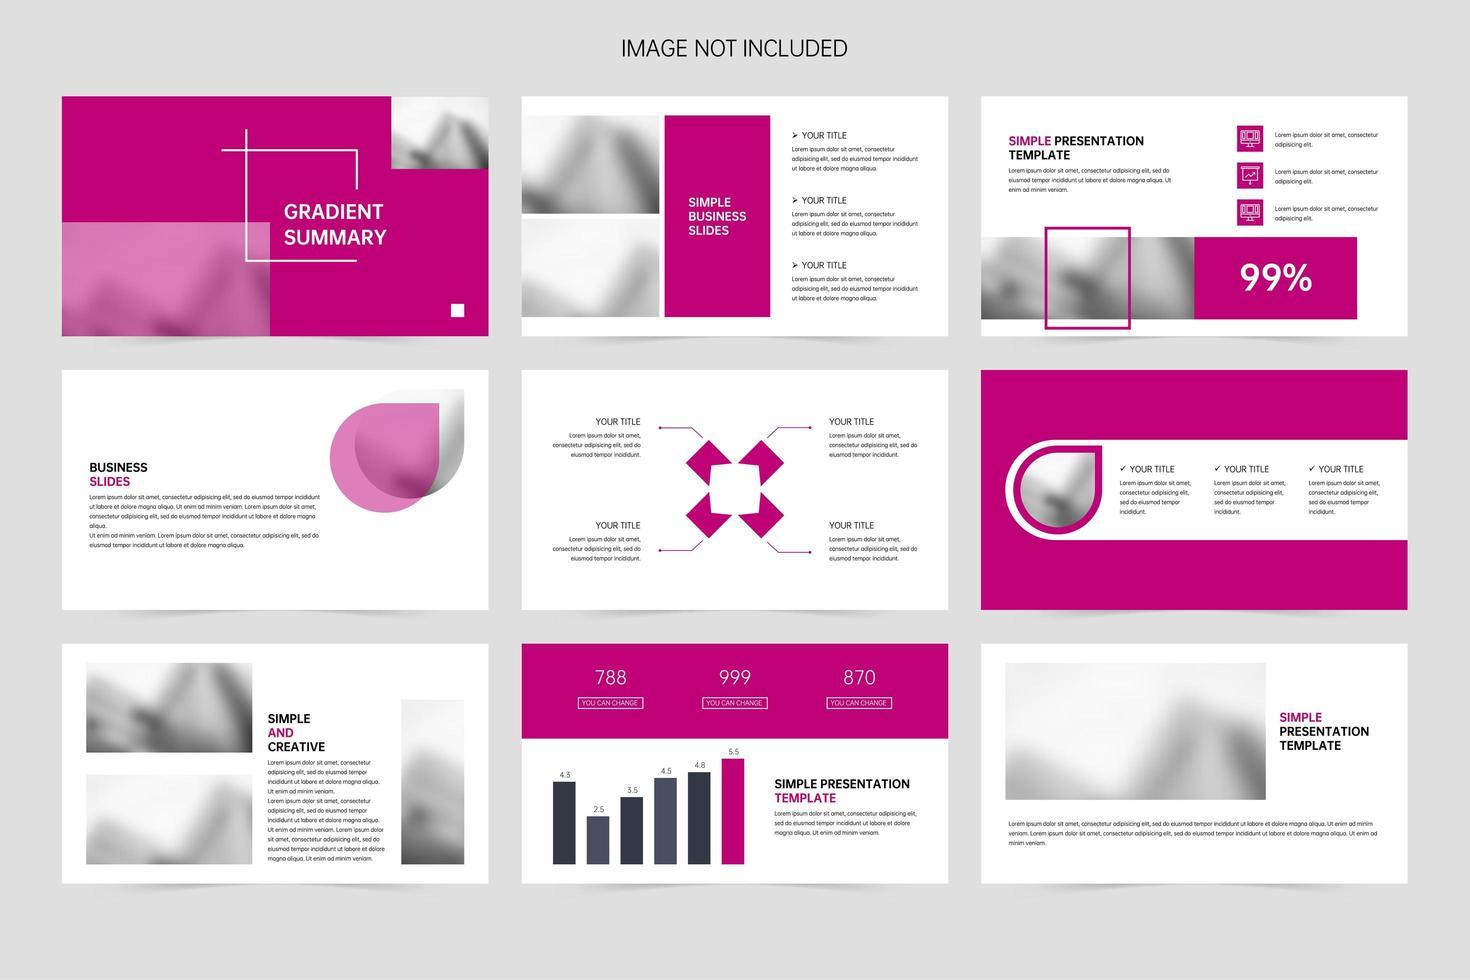 diapositive aziendali aziendali, presentazioni di brochure aziendali vettore